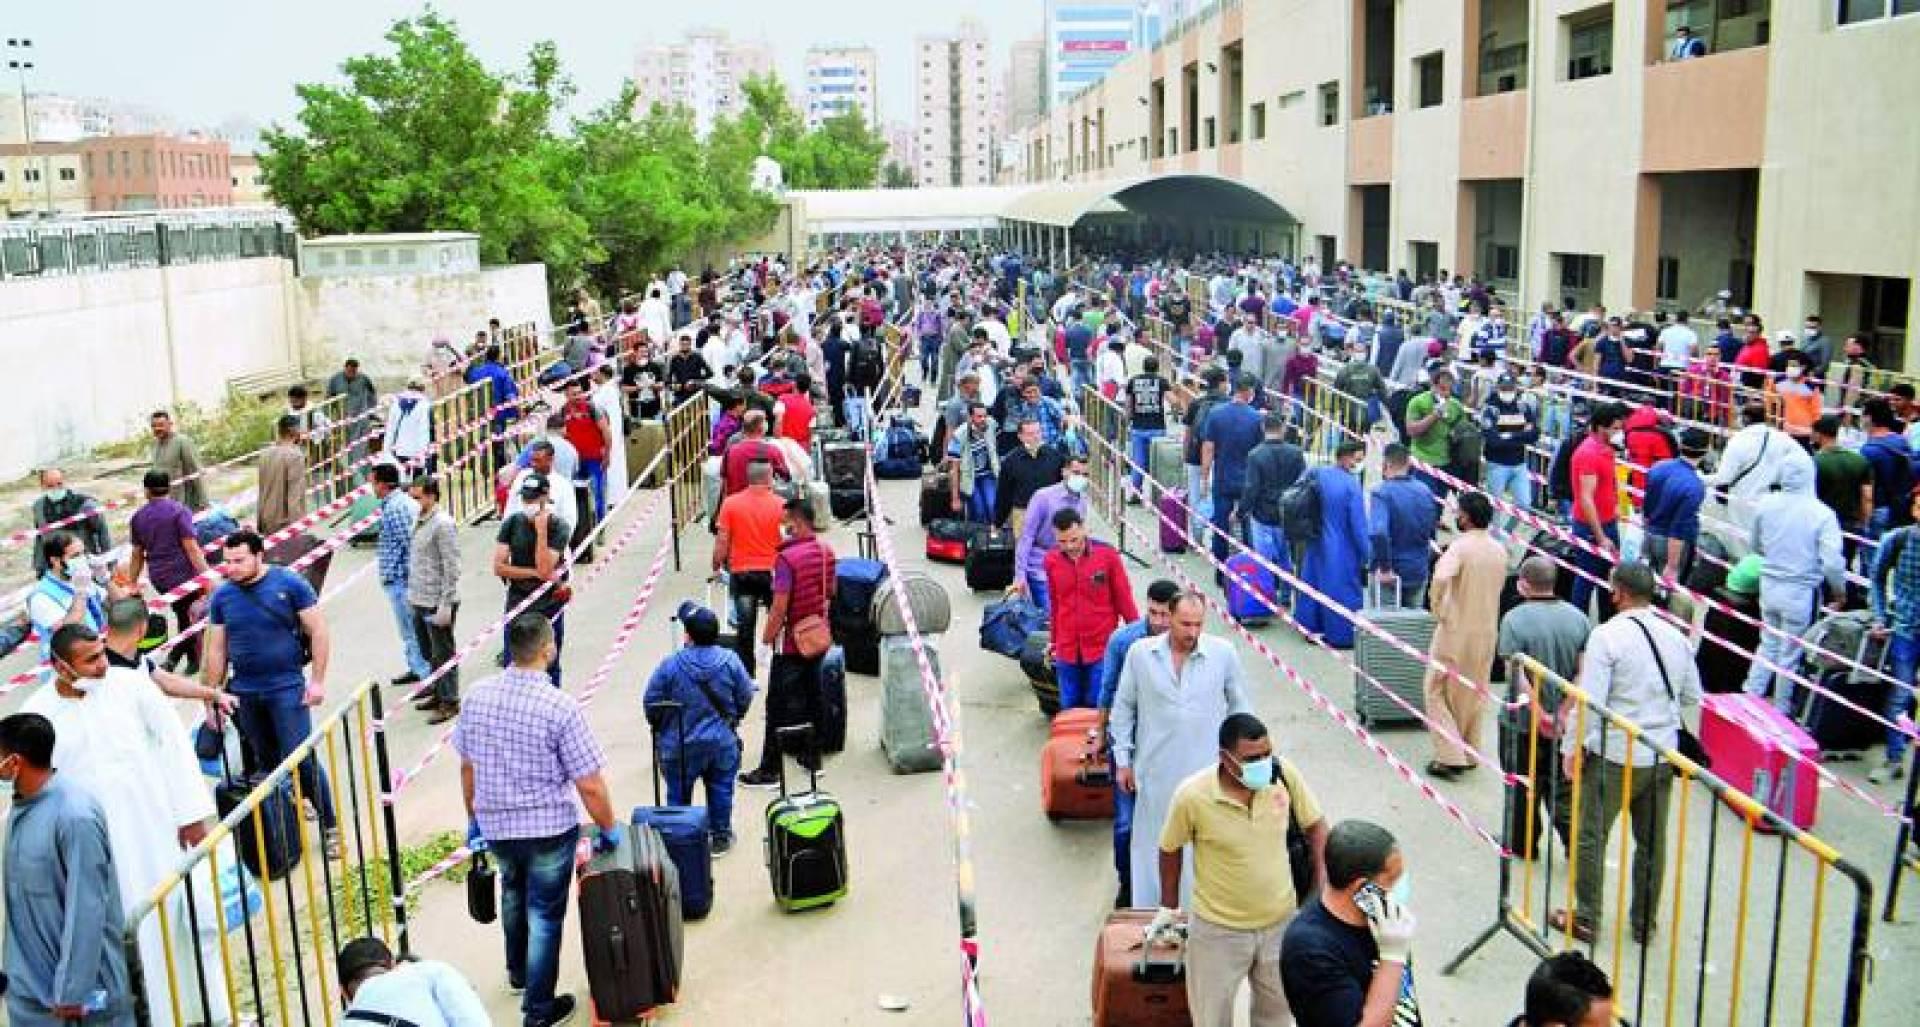 مخالفون للإقامة استفادوا من مهلة «غادر بأمان» الشهر الماضي (تصوير: بسام زيدان)